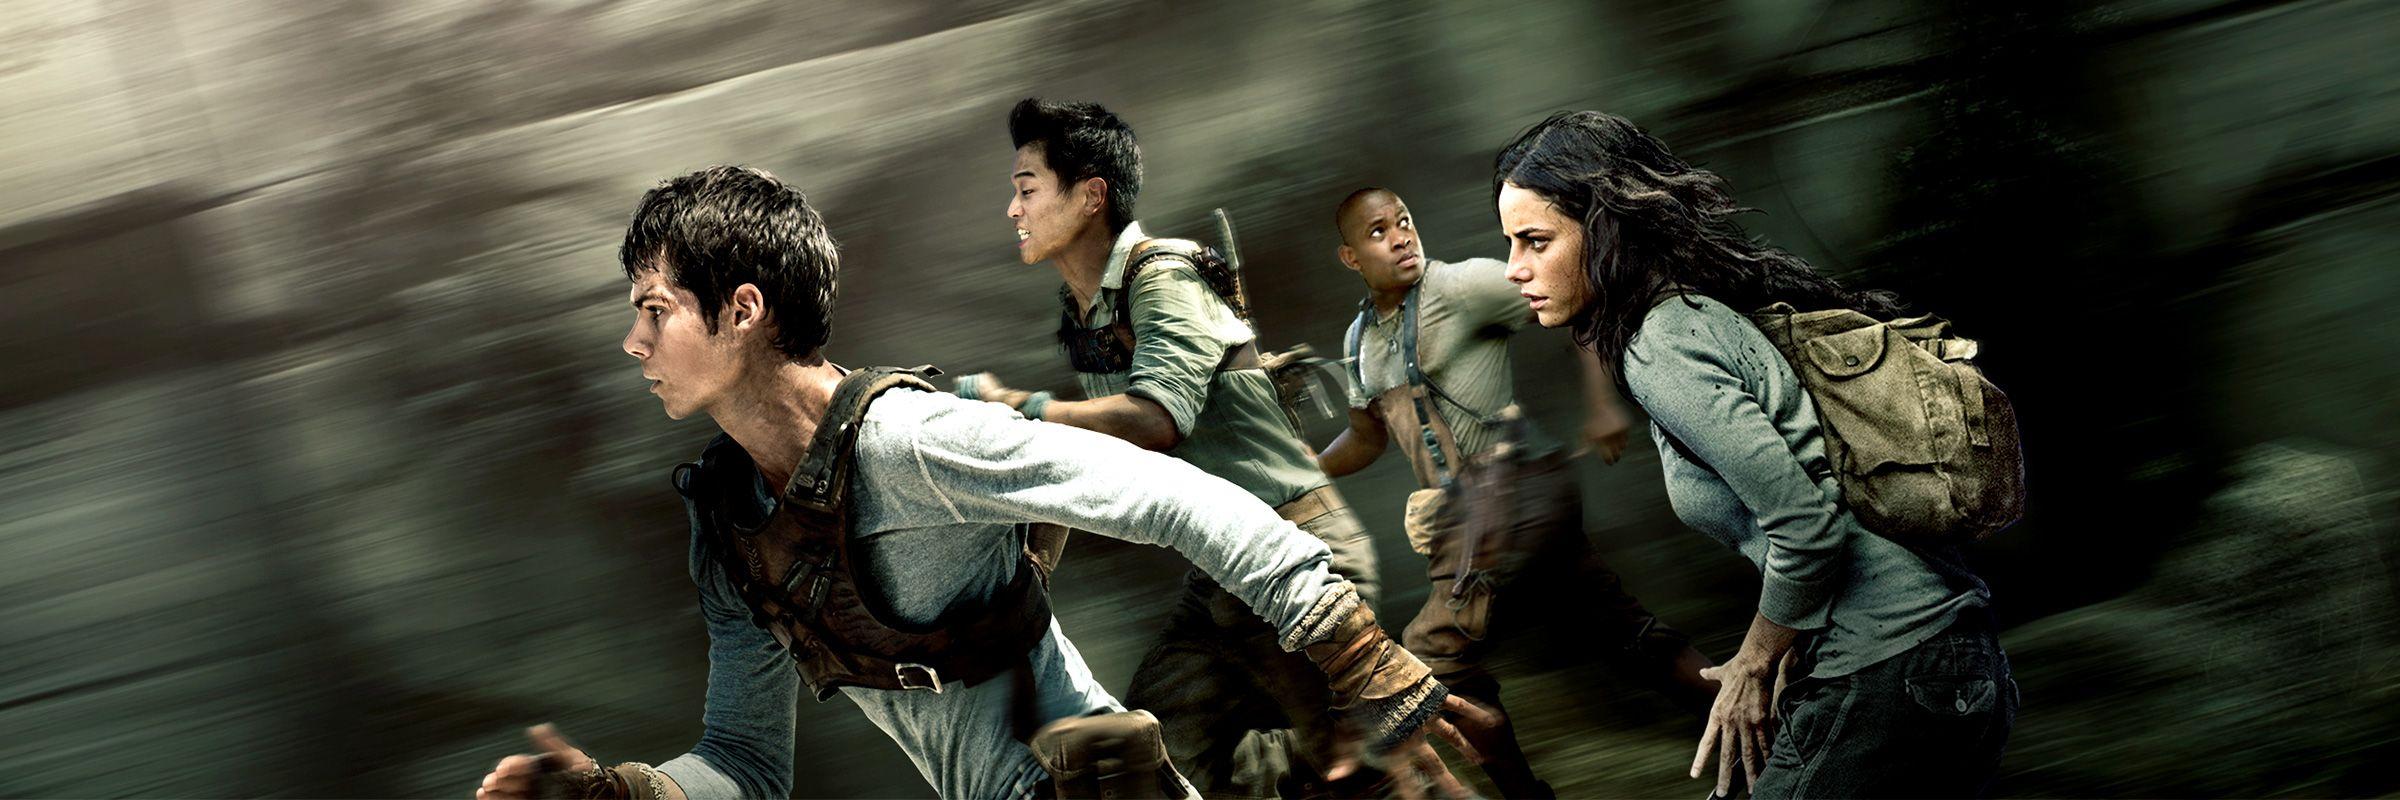 The Maze Runner | Full Movie | Movies Anywhere